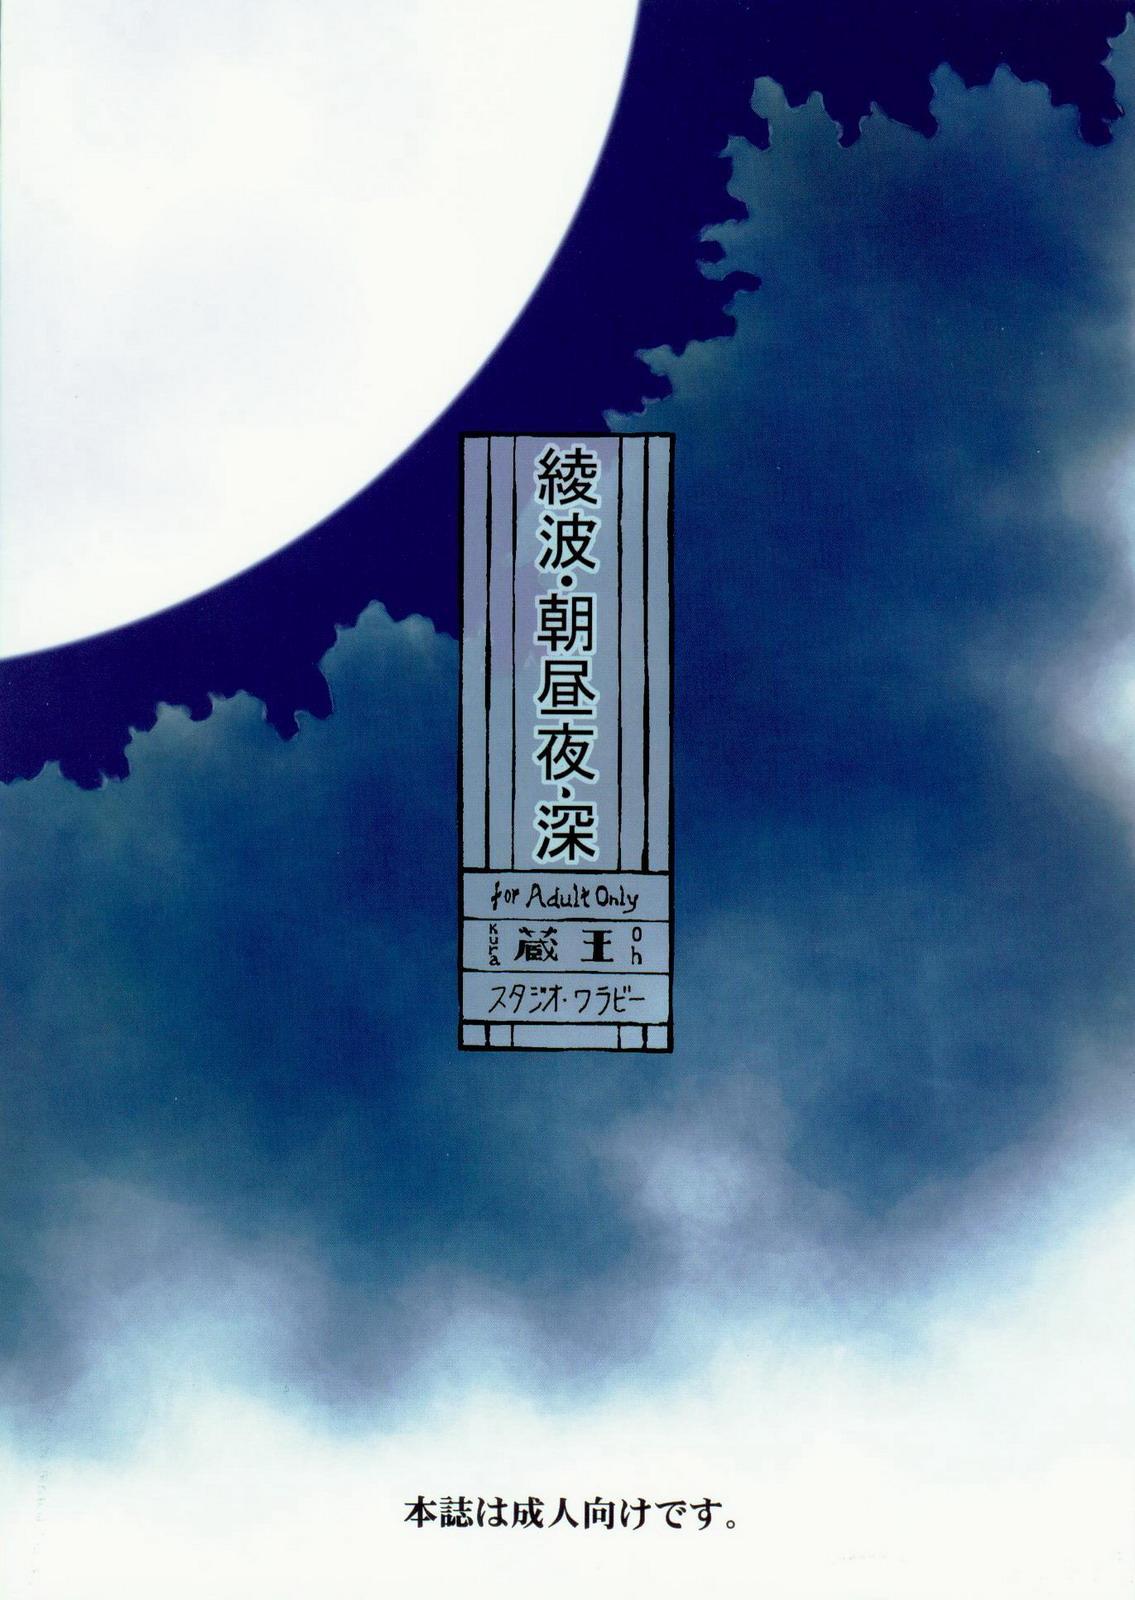 (COMIC1☆5) [Studio Wallaby (Kura Oh)]  Ayanami - Asa Hiru Yoru - Shin (Neon Genesis Evangelion) 81